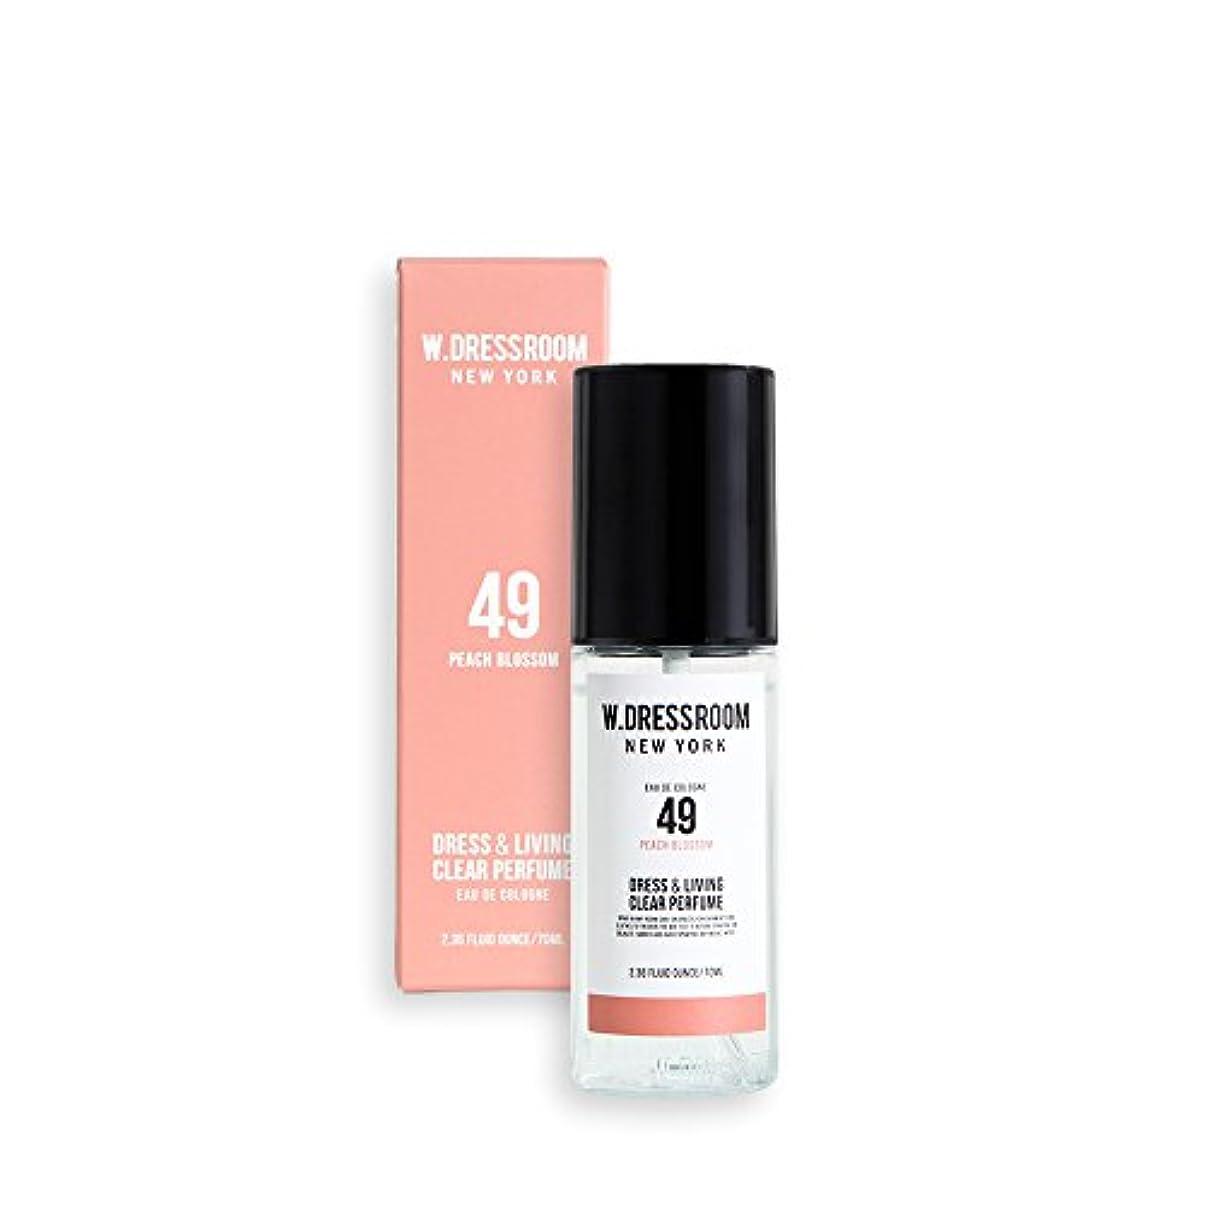 ハングボーカルヘッドレスW.DRESSROOM Dress & Living Clear Perfume 70ml (#No.49 Peach Blossom)/ダブルドレスルーム ドレス&リビング クリア パフューム 70ml (#No.49...